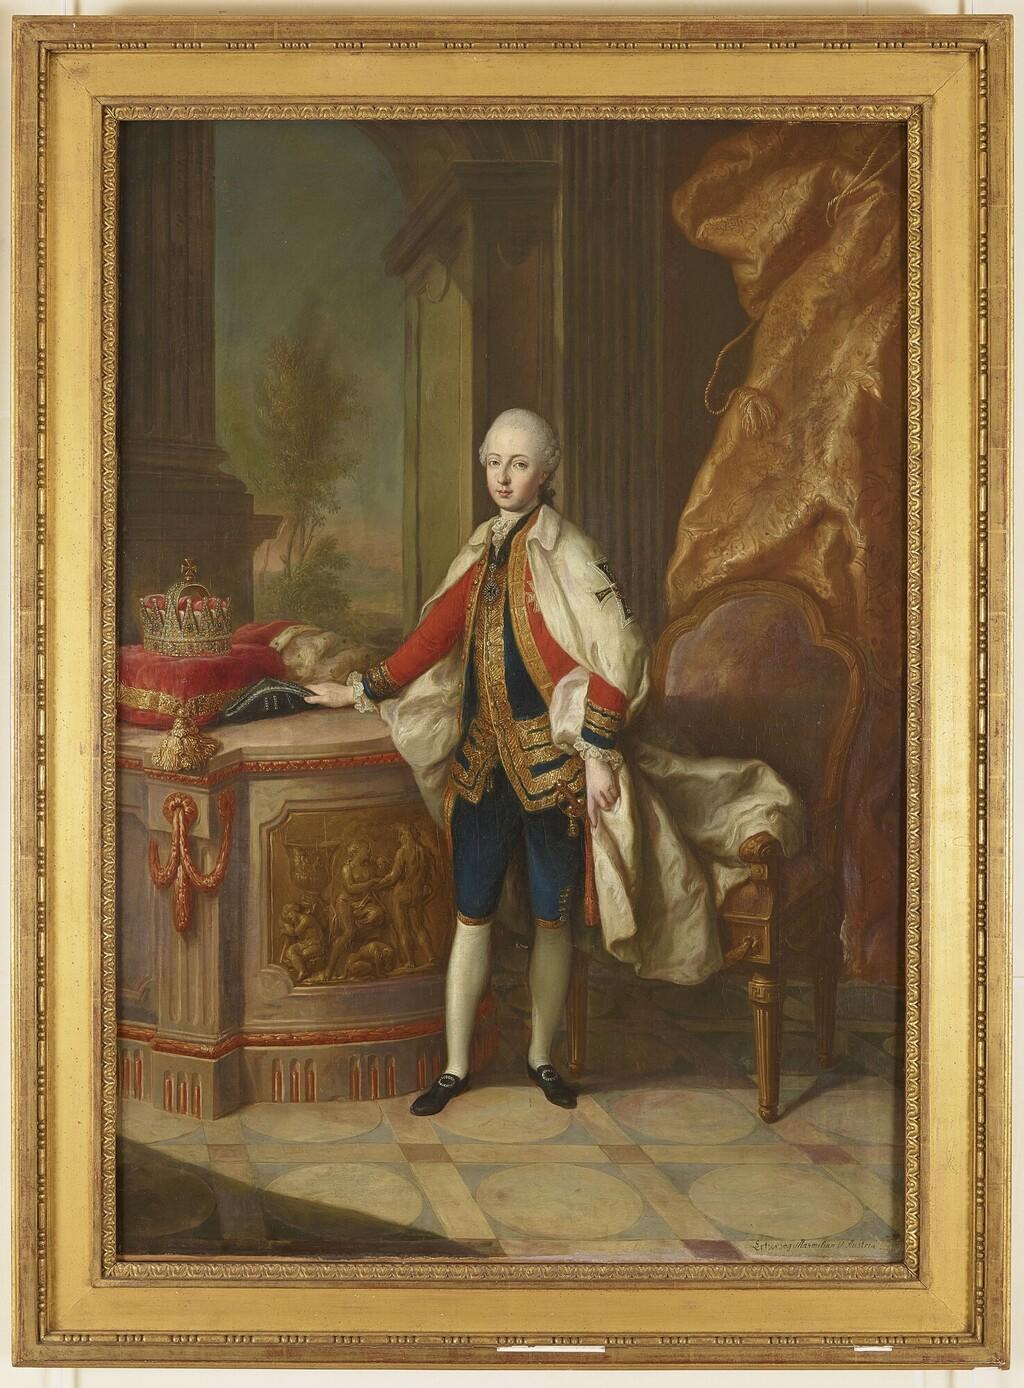 Les visites des archiducs Maximilien et Ferdinand d'Autriche, à Versailles Maximi10